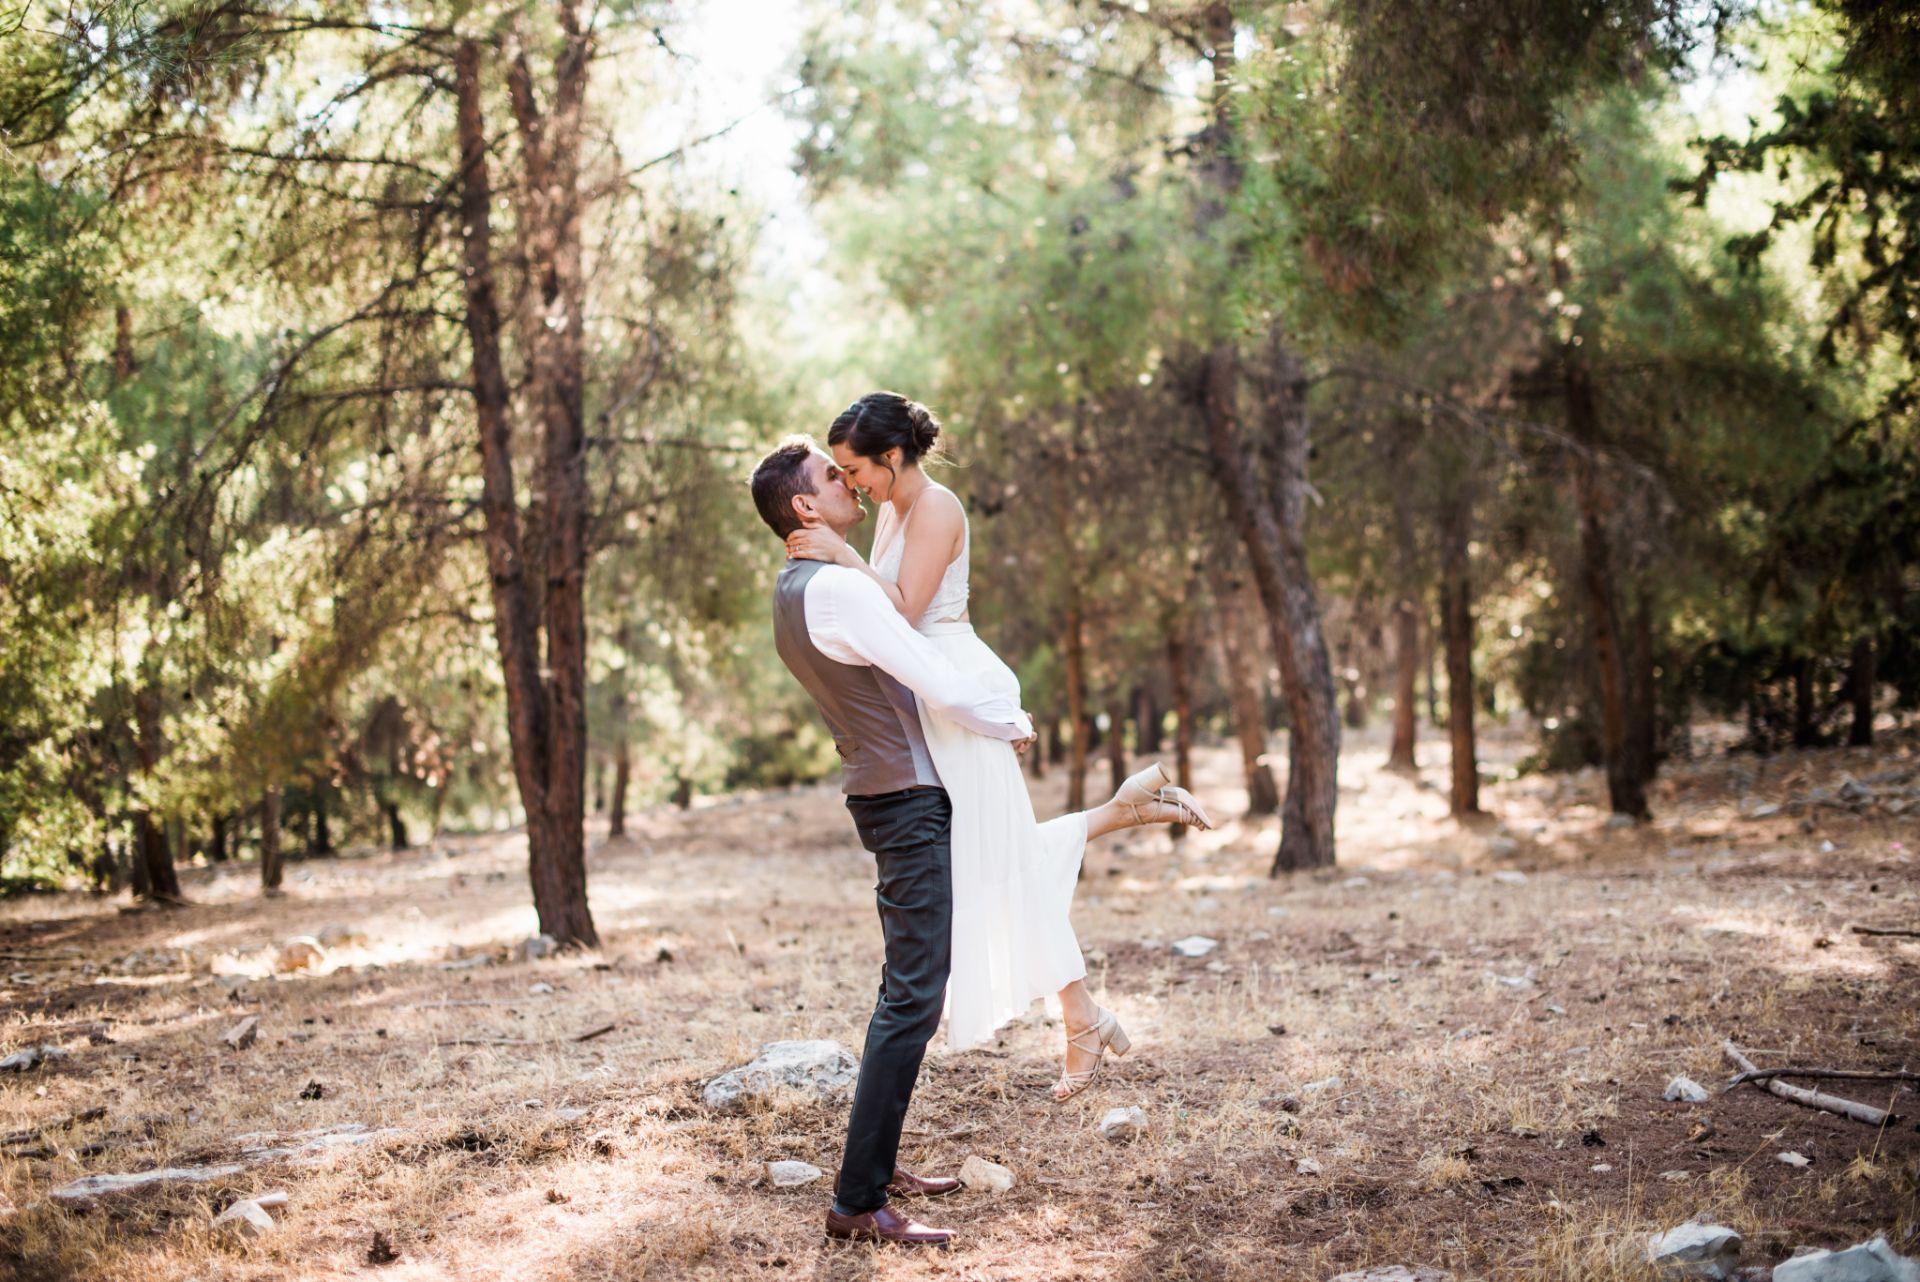 התחתנו בבית כנסת בן 2,000 שנה: החתונה של אור ומאור